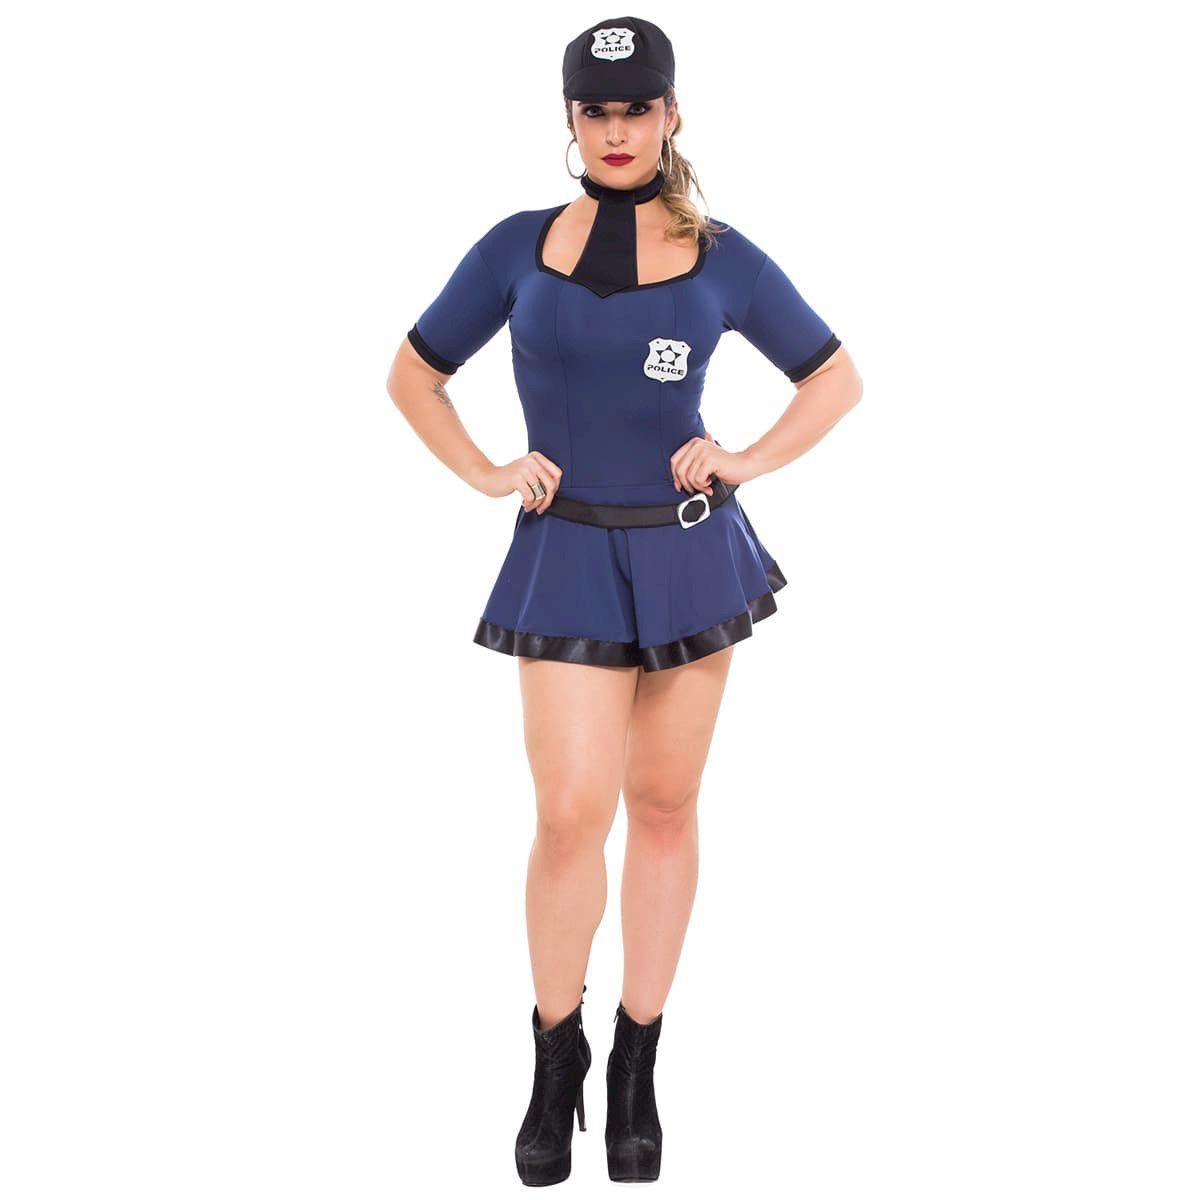 Fantasia Policial Violeta (Veste Manequins 38 ao 42)